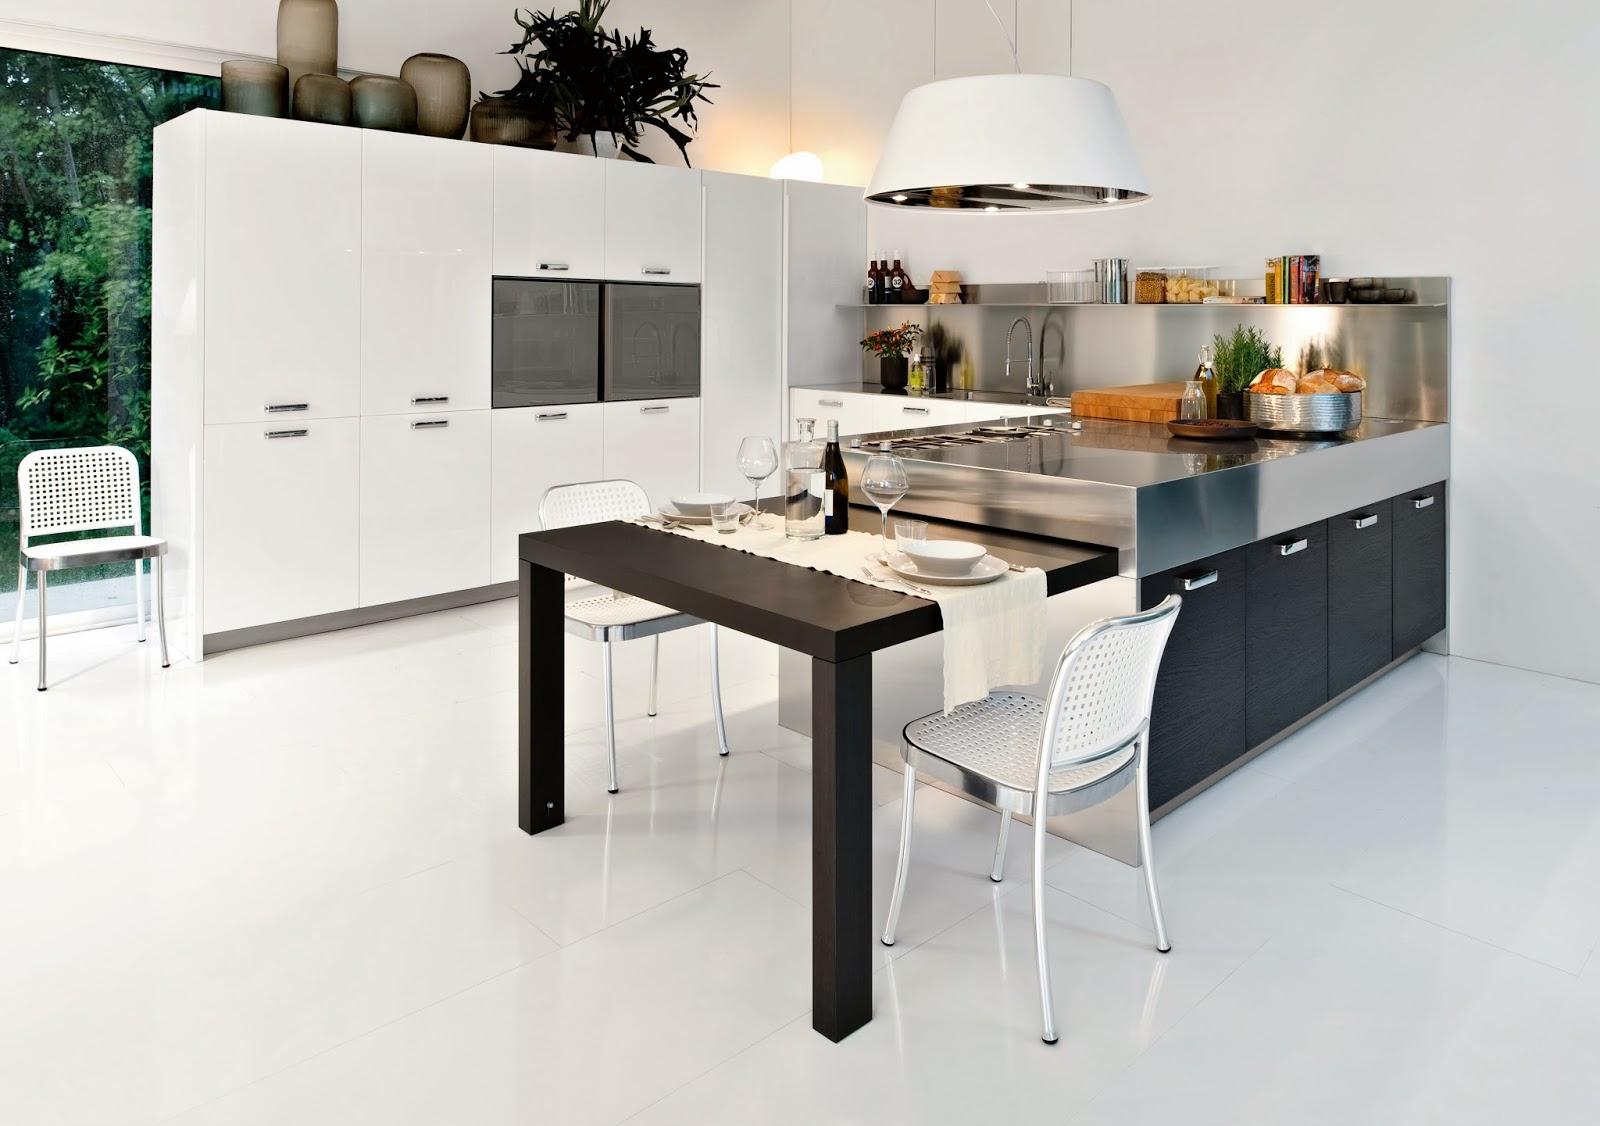 Luxury Kitchens: November 2013